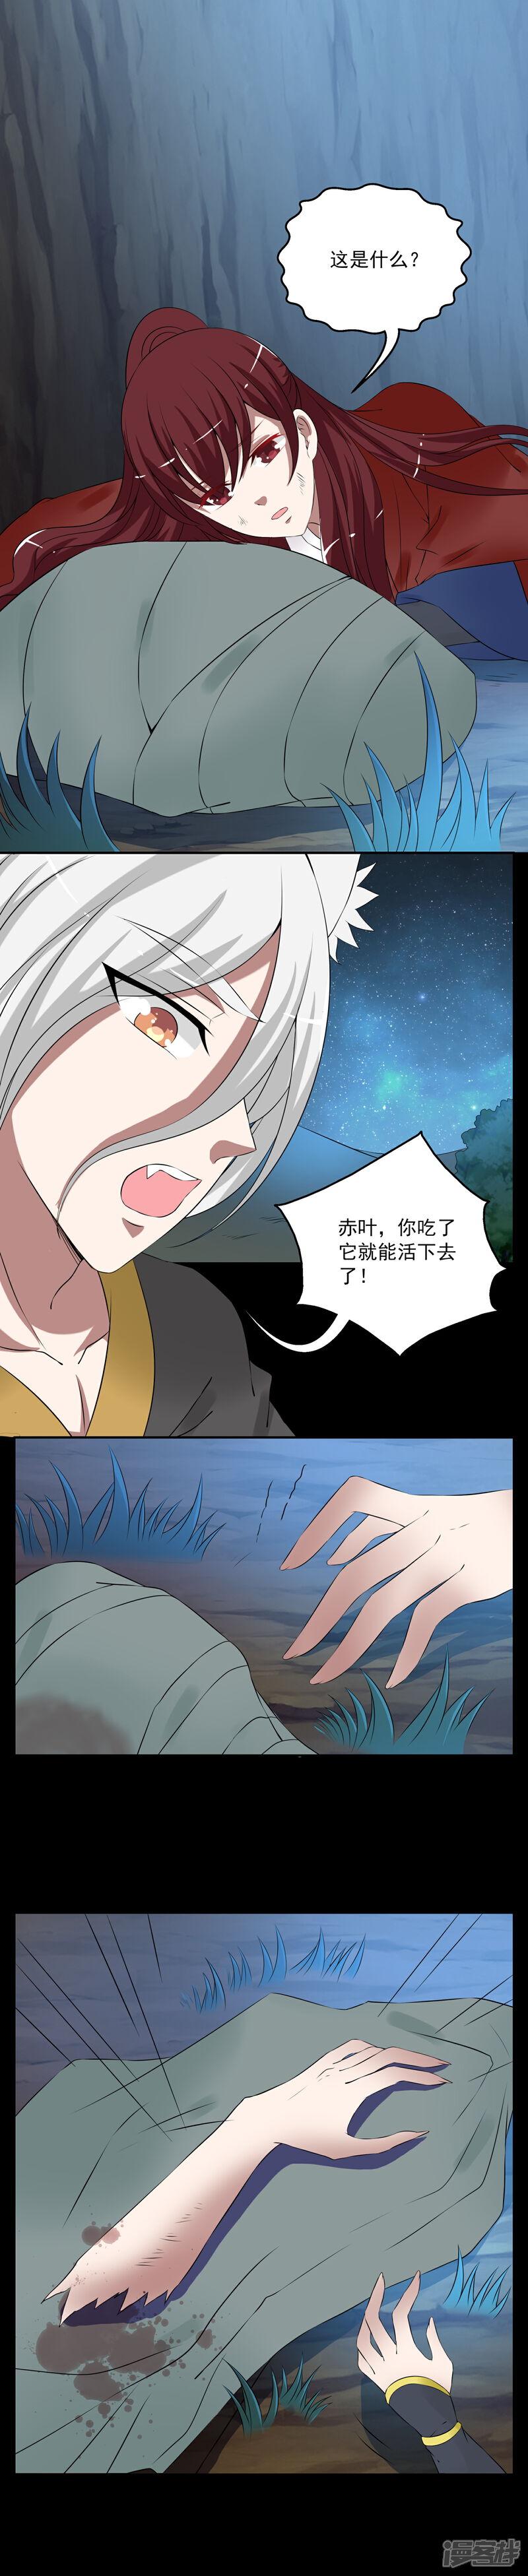 洛小妖181 (2).JPG